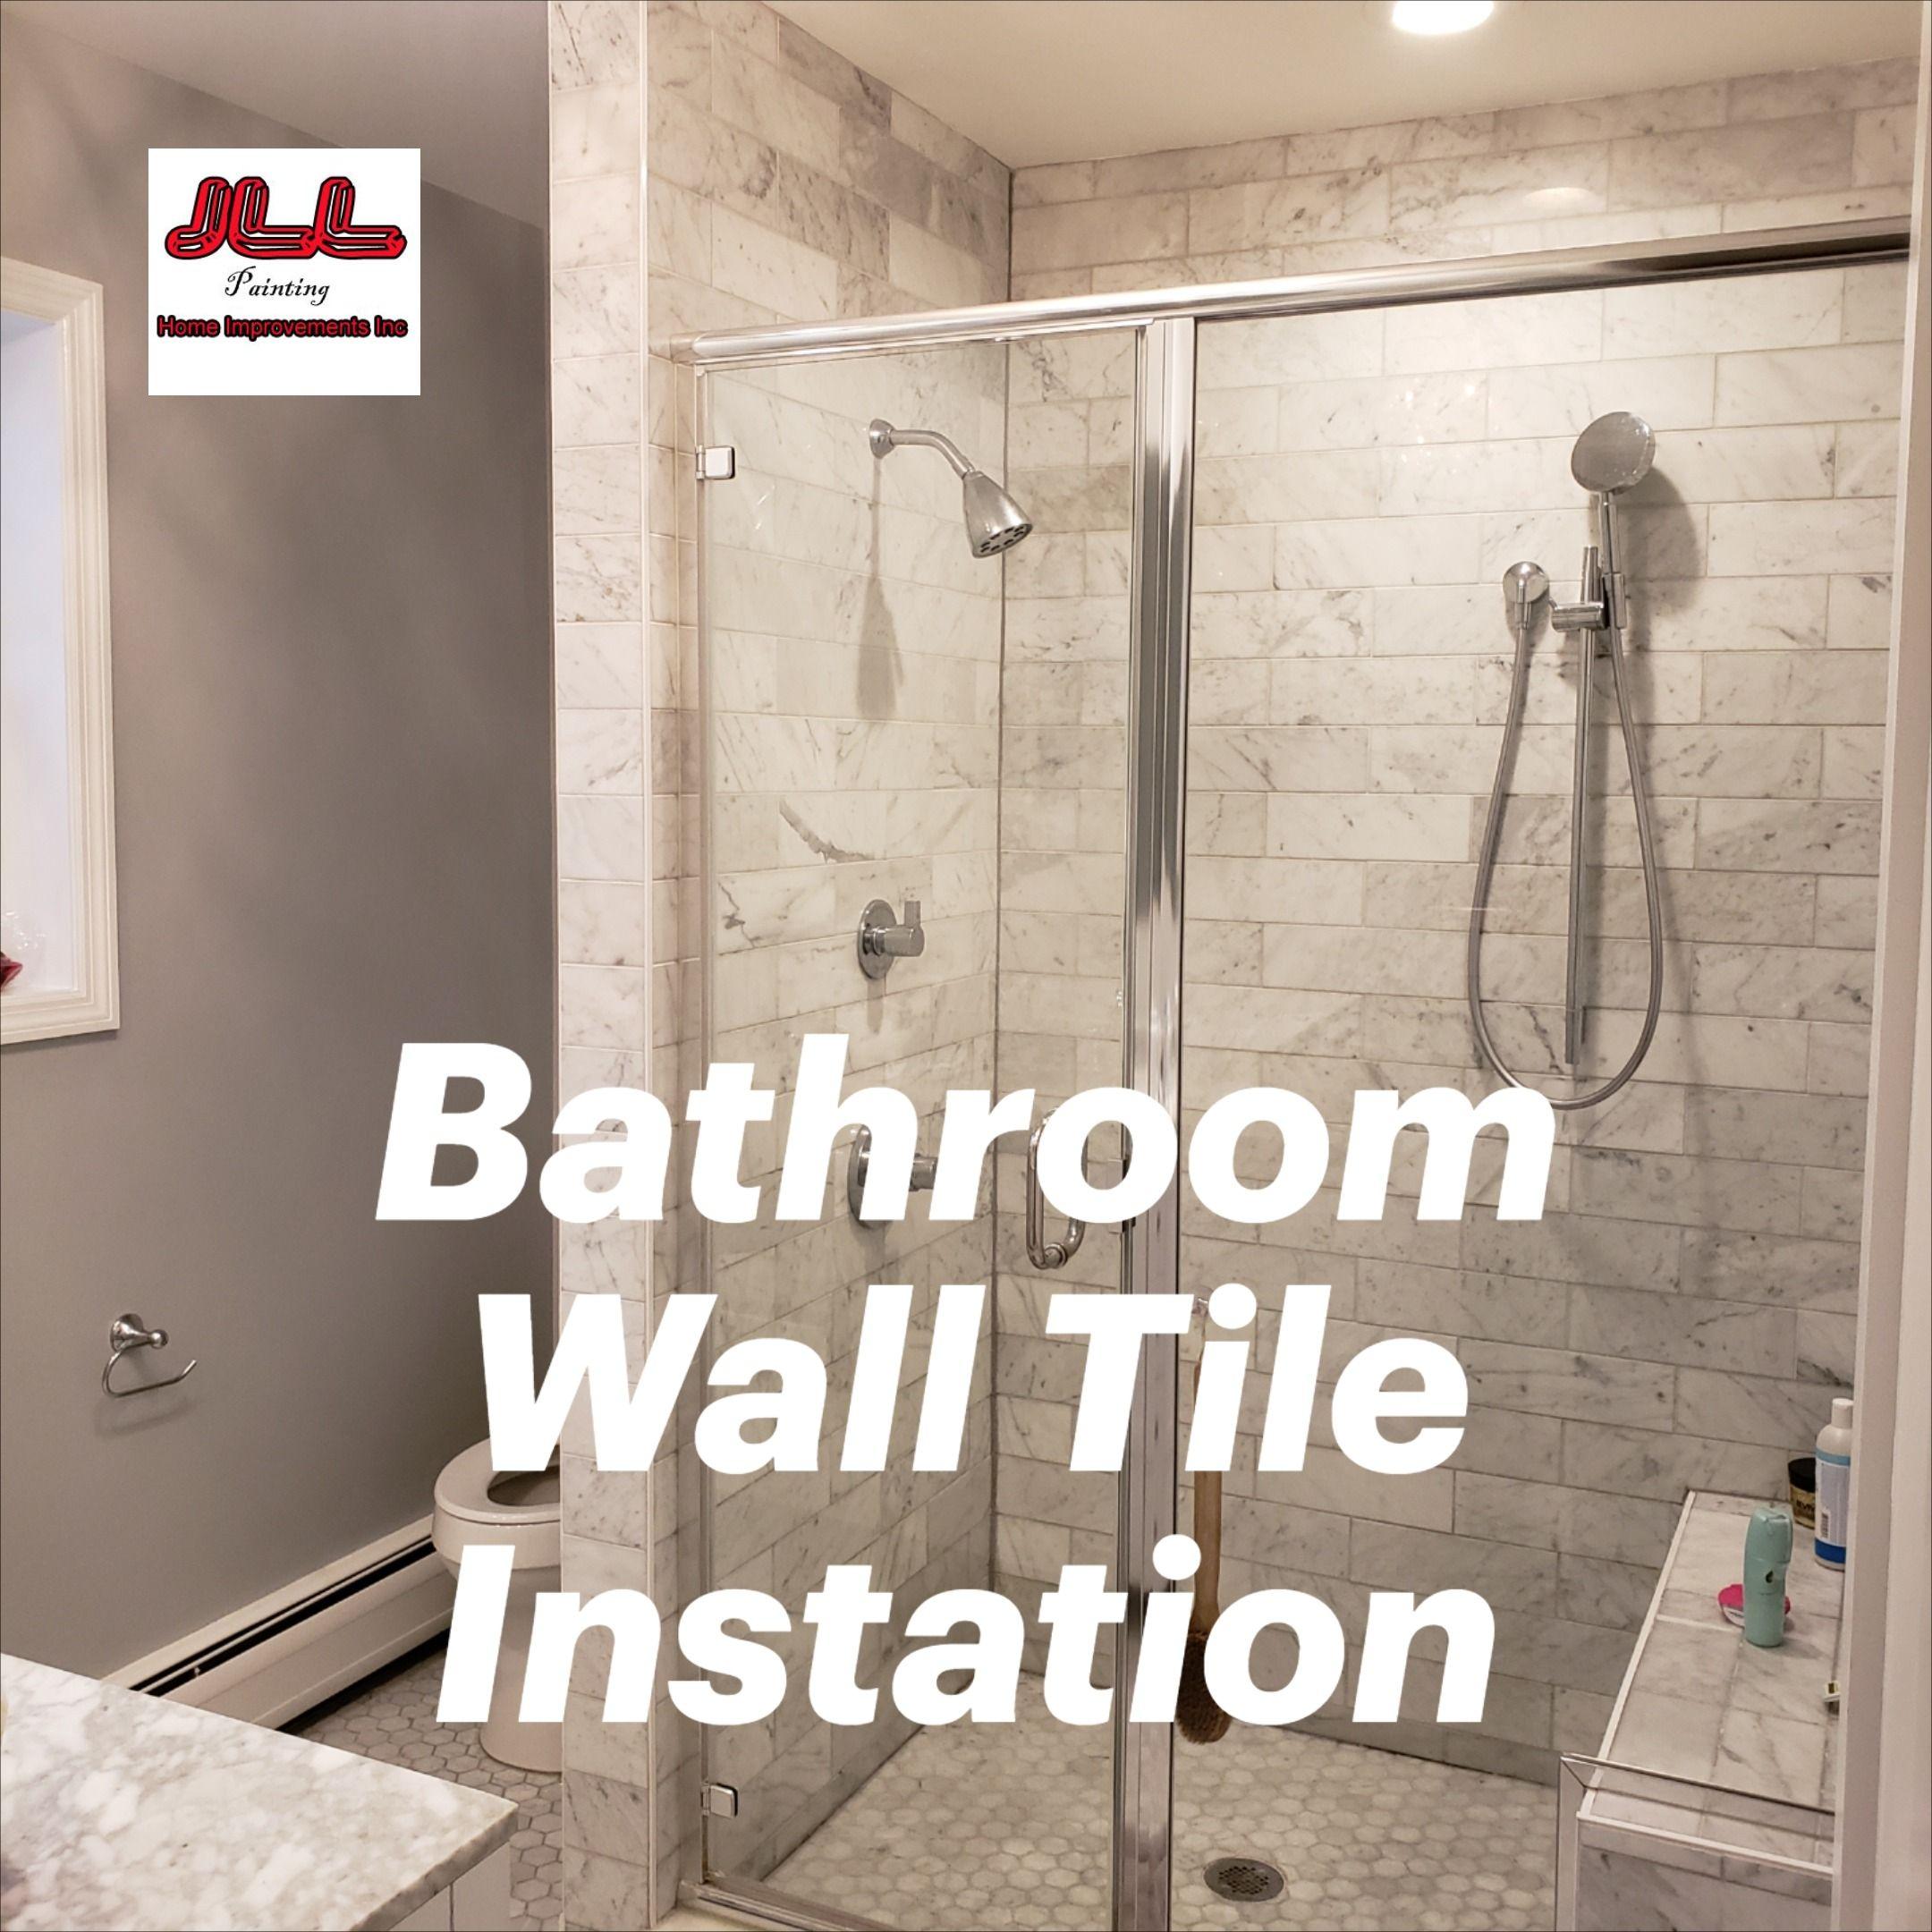 Tile Installers Near Me Bathroom Tile Contractors Near Me Jll Painting In 2020 Bathroom Tile Installation Bathroom Wall Tile Tile Bathroom